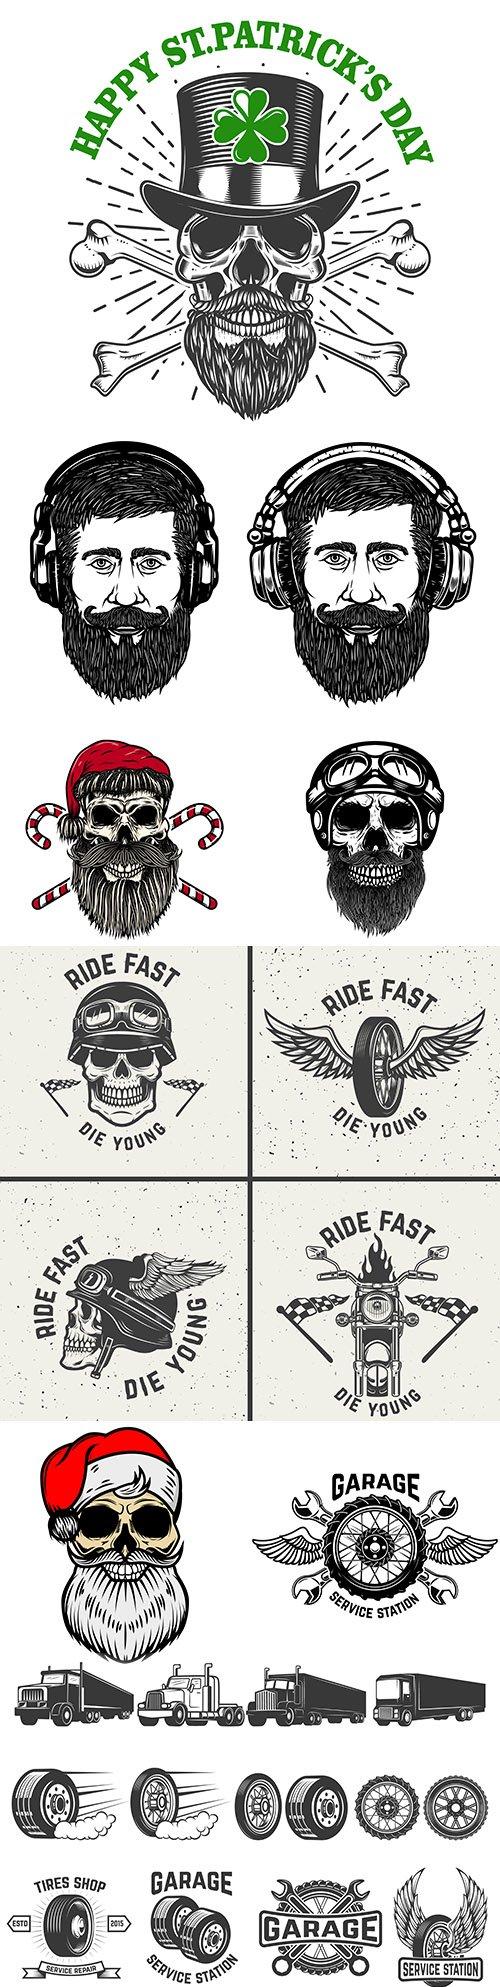 Vintage elements and emblem design illustration